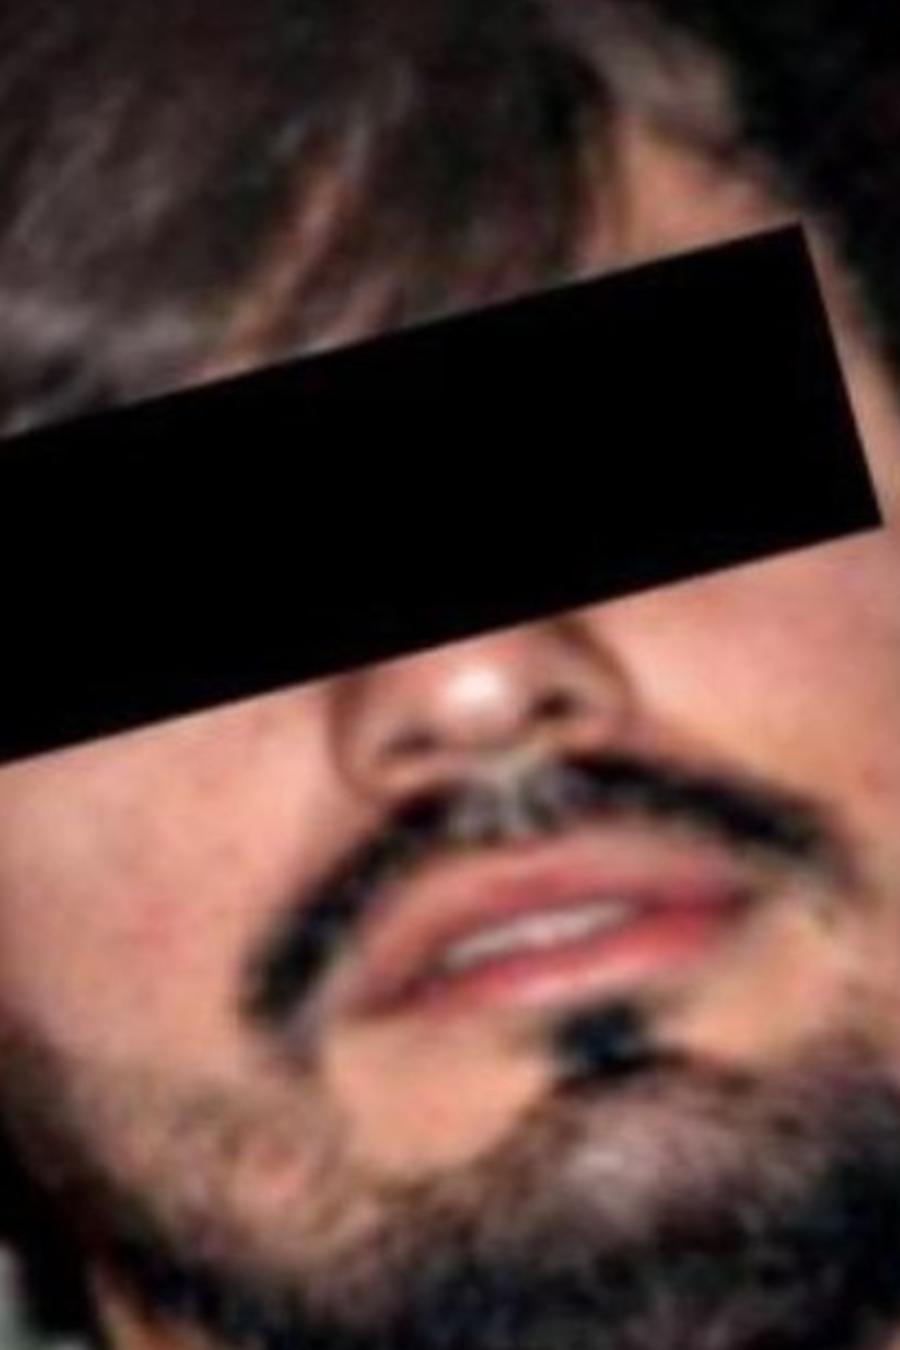 Dámaso López, alias 'El Mini Lic', quien es sobrino del capo del narco Joaquín 'El Chapo' Guzmán.